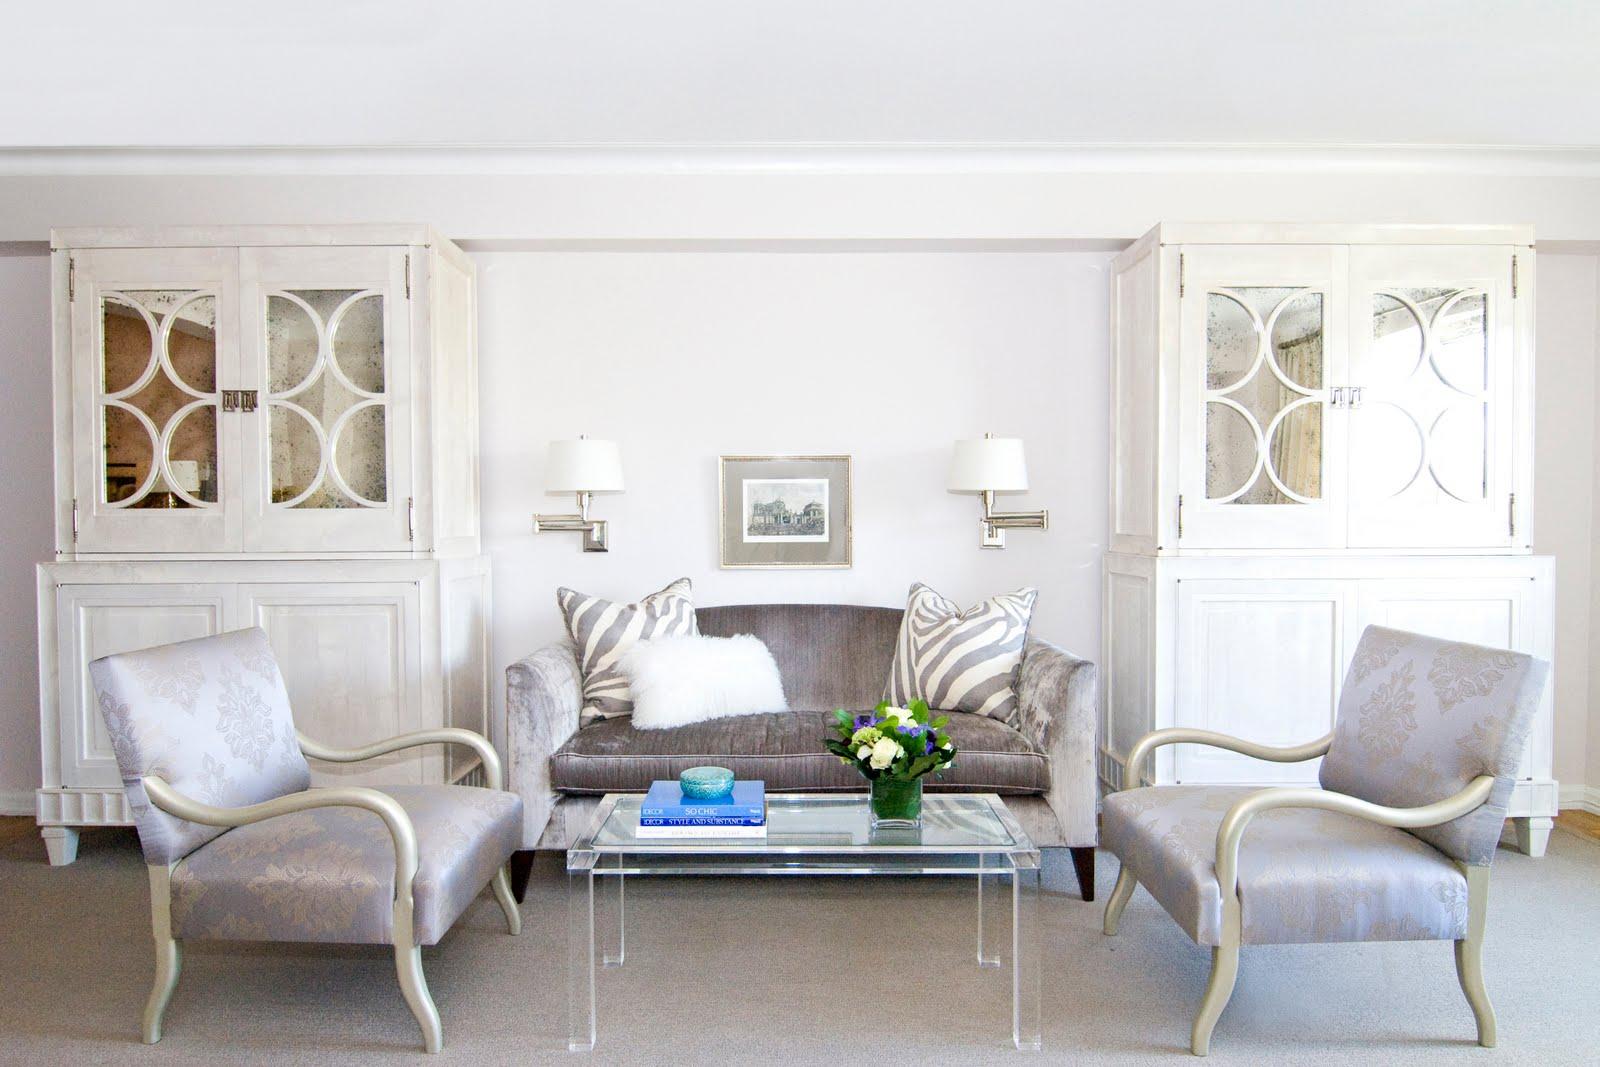 Gorgeus Art Deco Apartment Interior Design With Gl